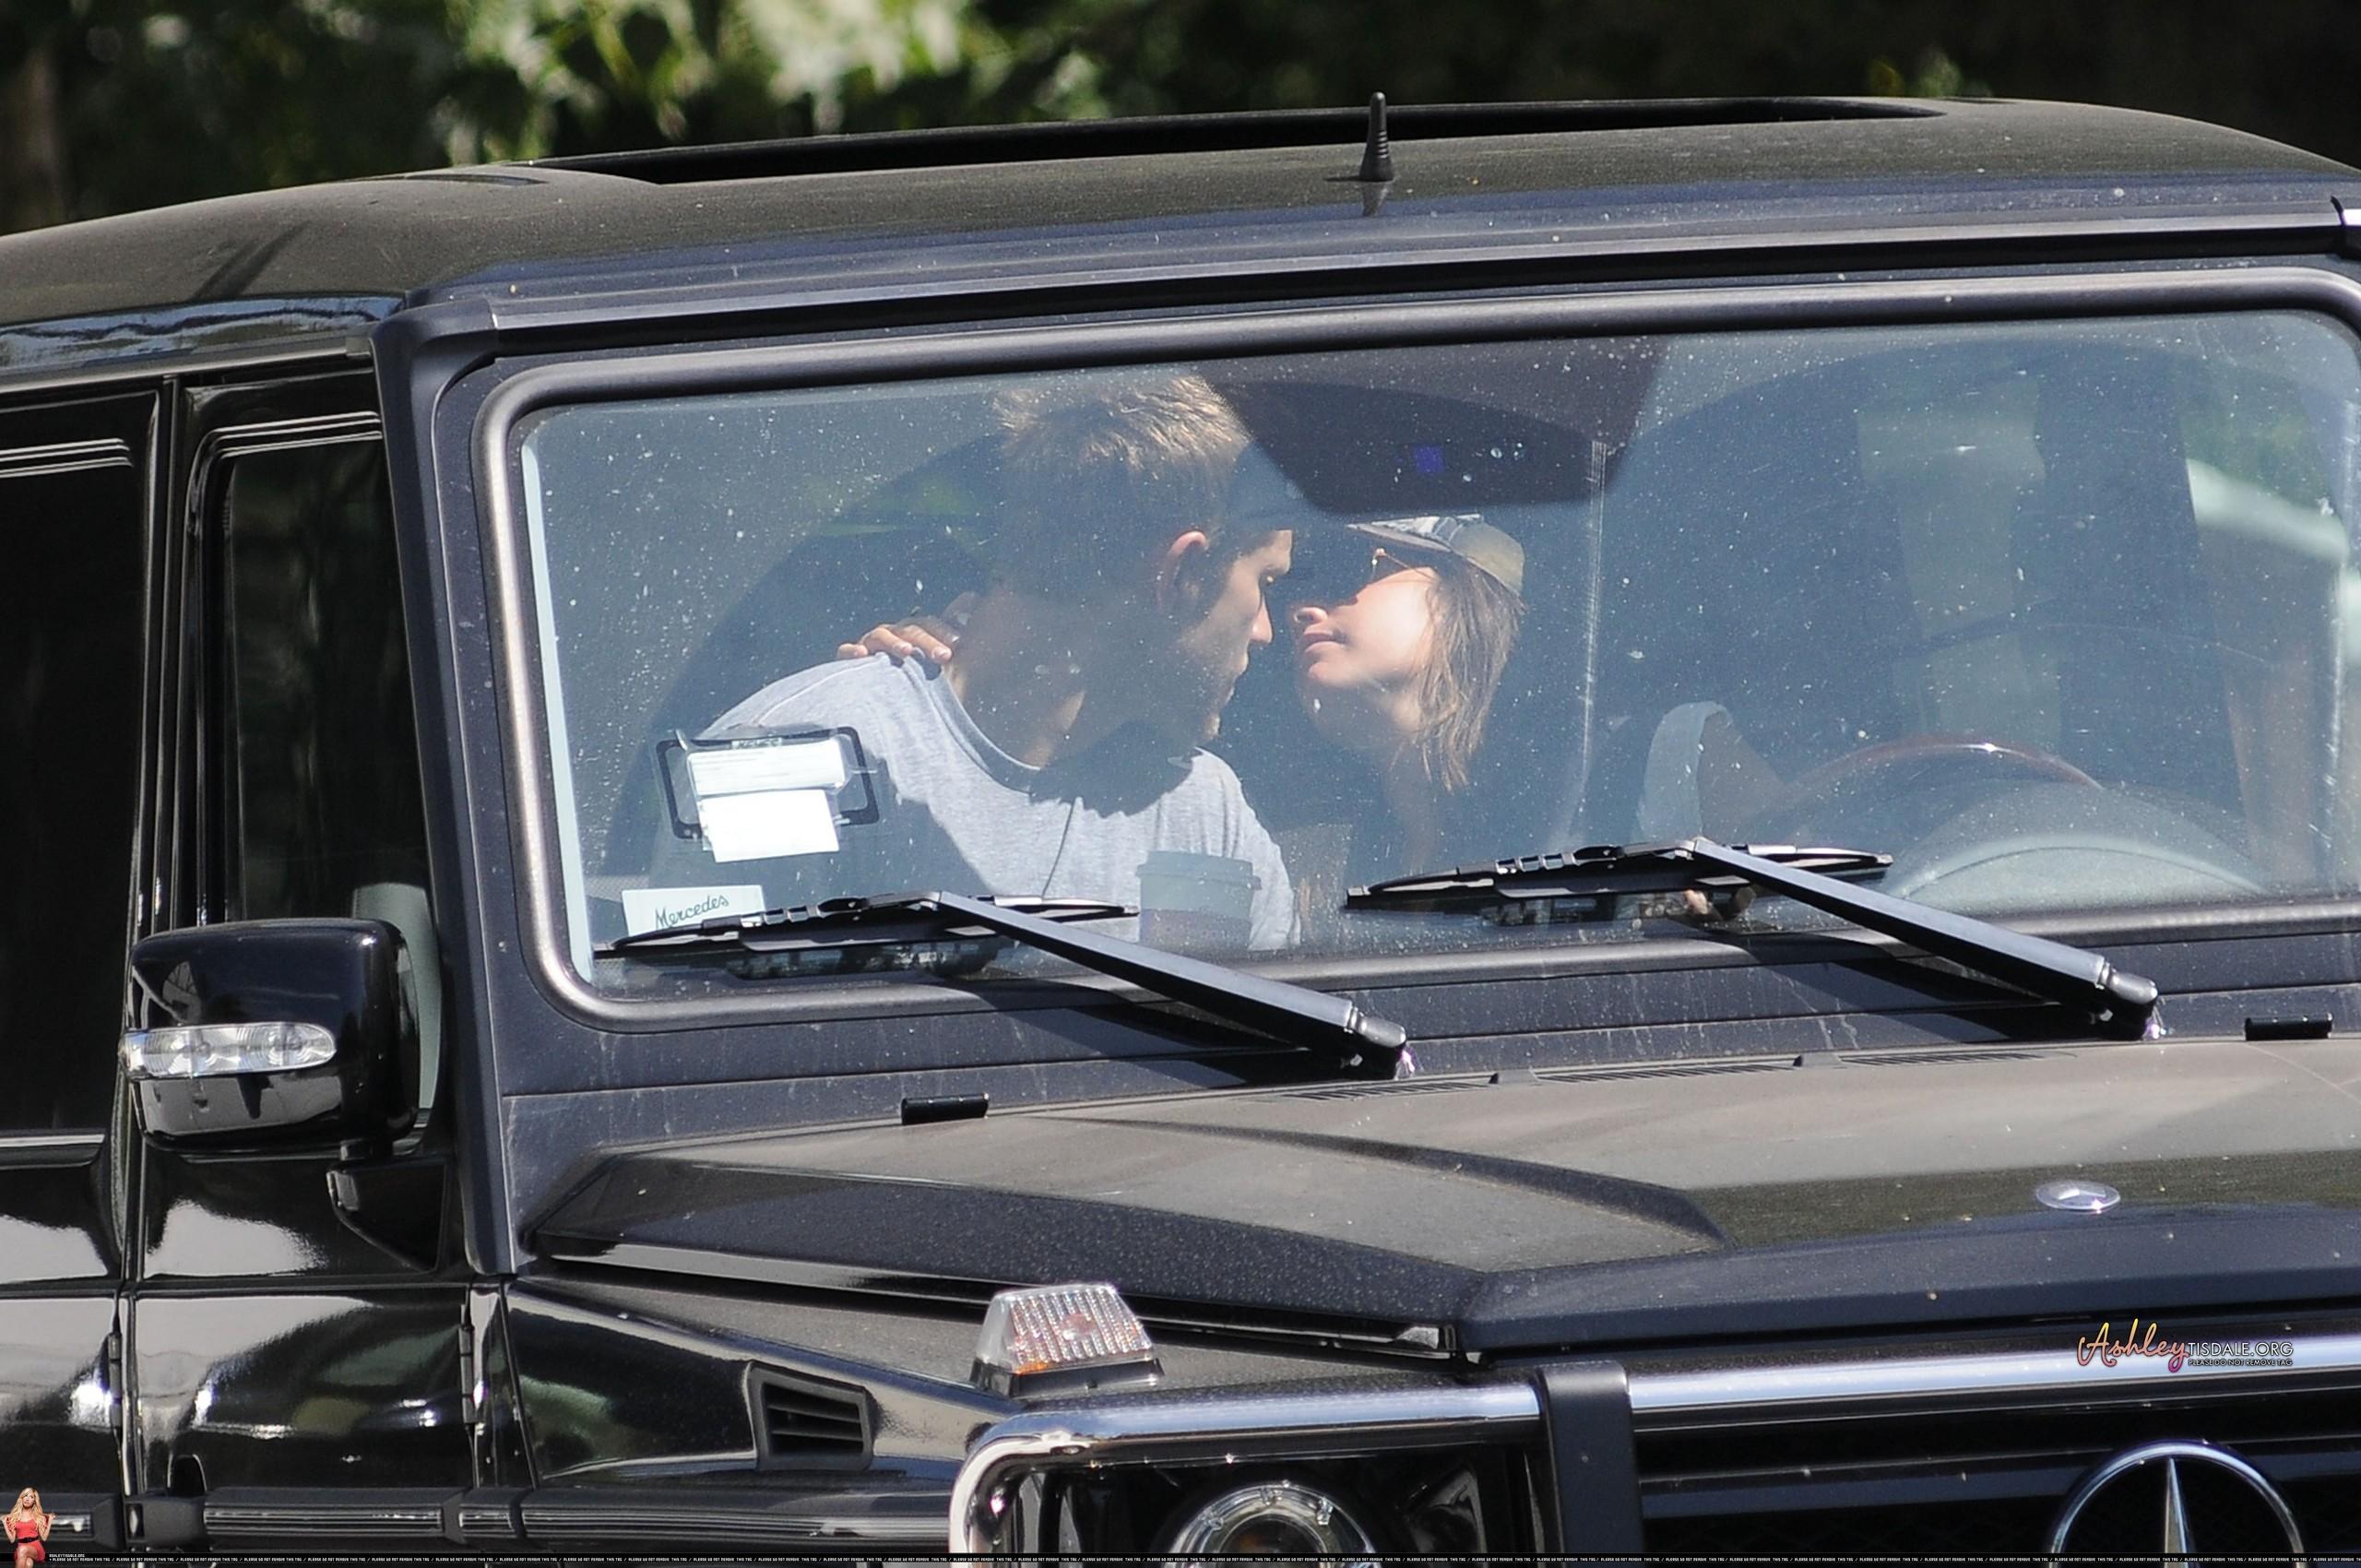 Ashley & Scott Kissing - ashley-tisdale photo